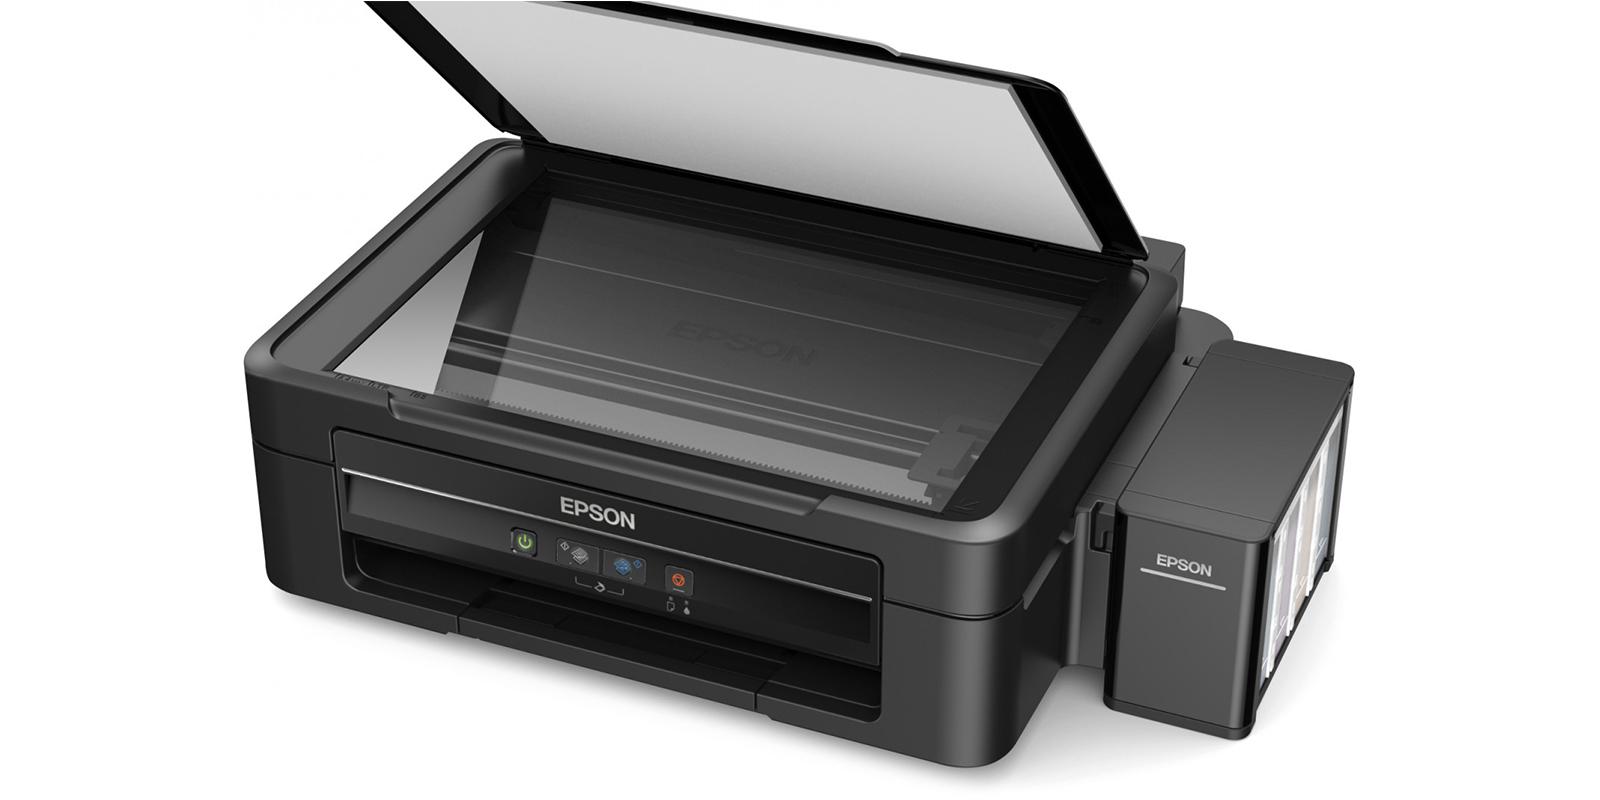 Epson Printer L382 Digitalworld Tech Com